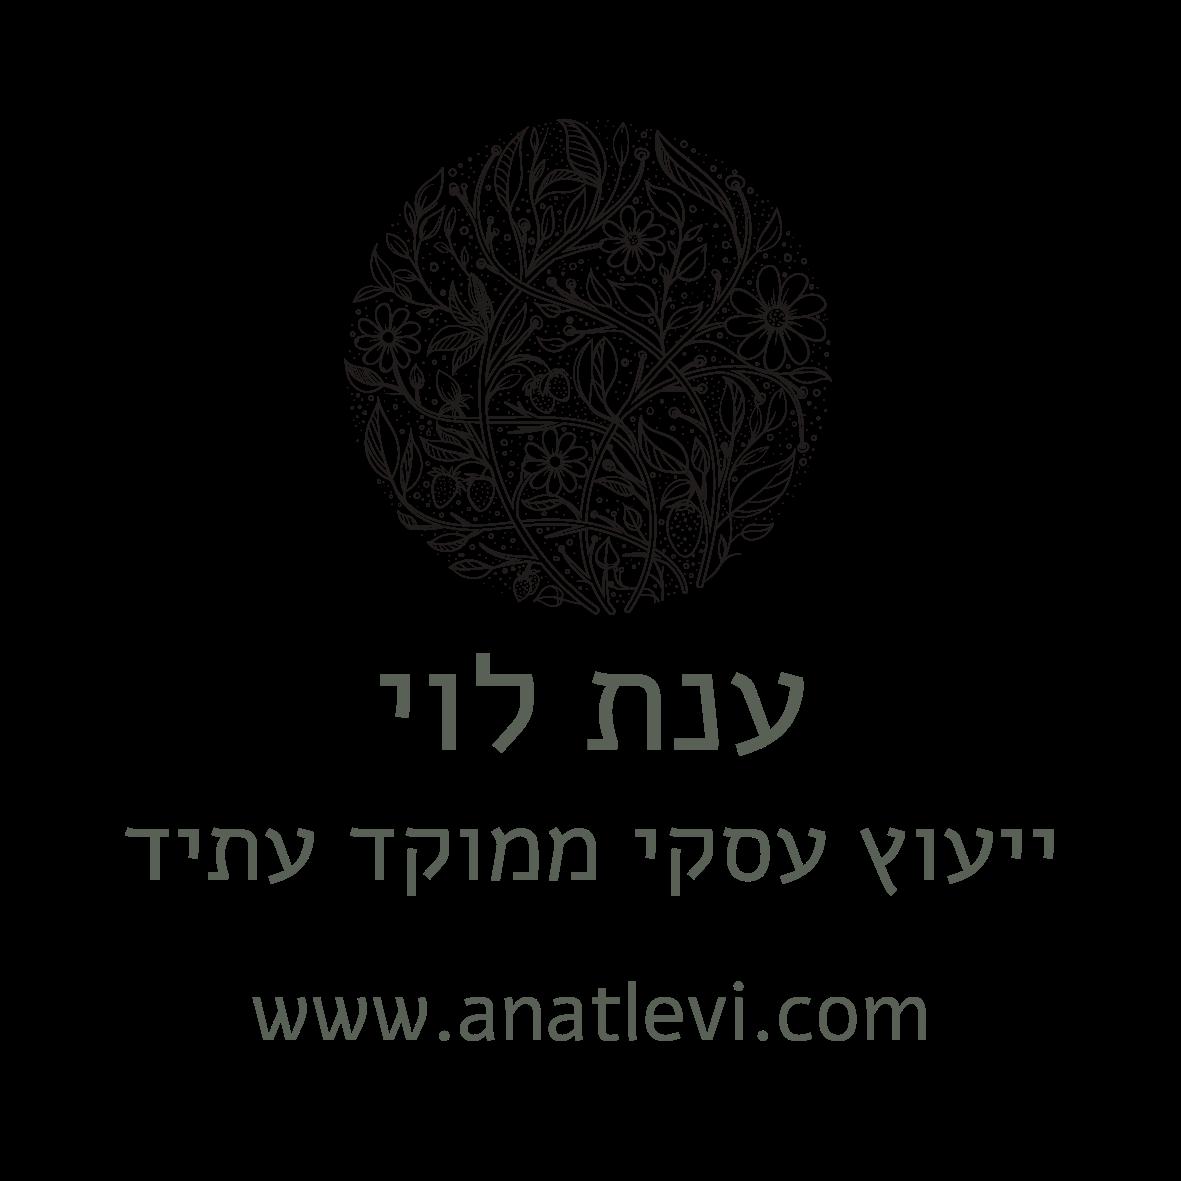 ענת לוי